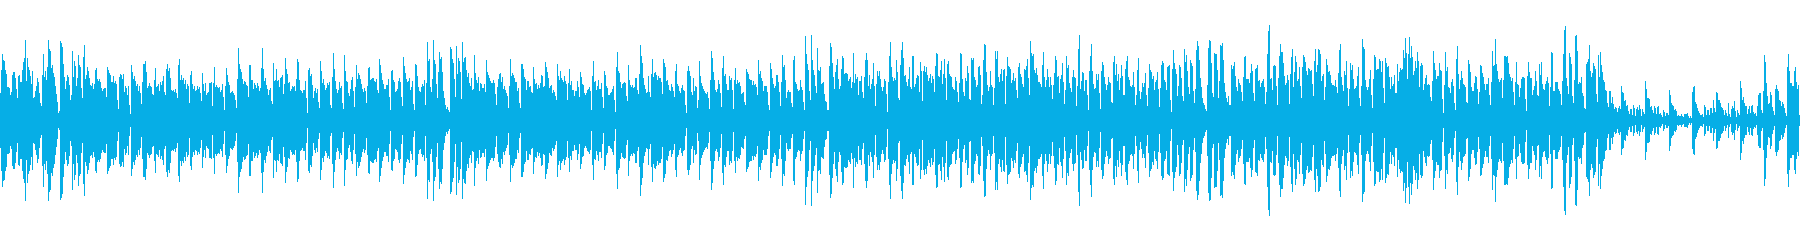 コミカルなアップテンポのBGMの再生済みの波形